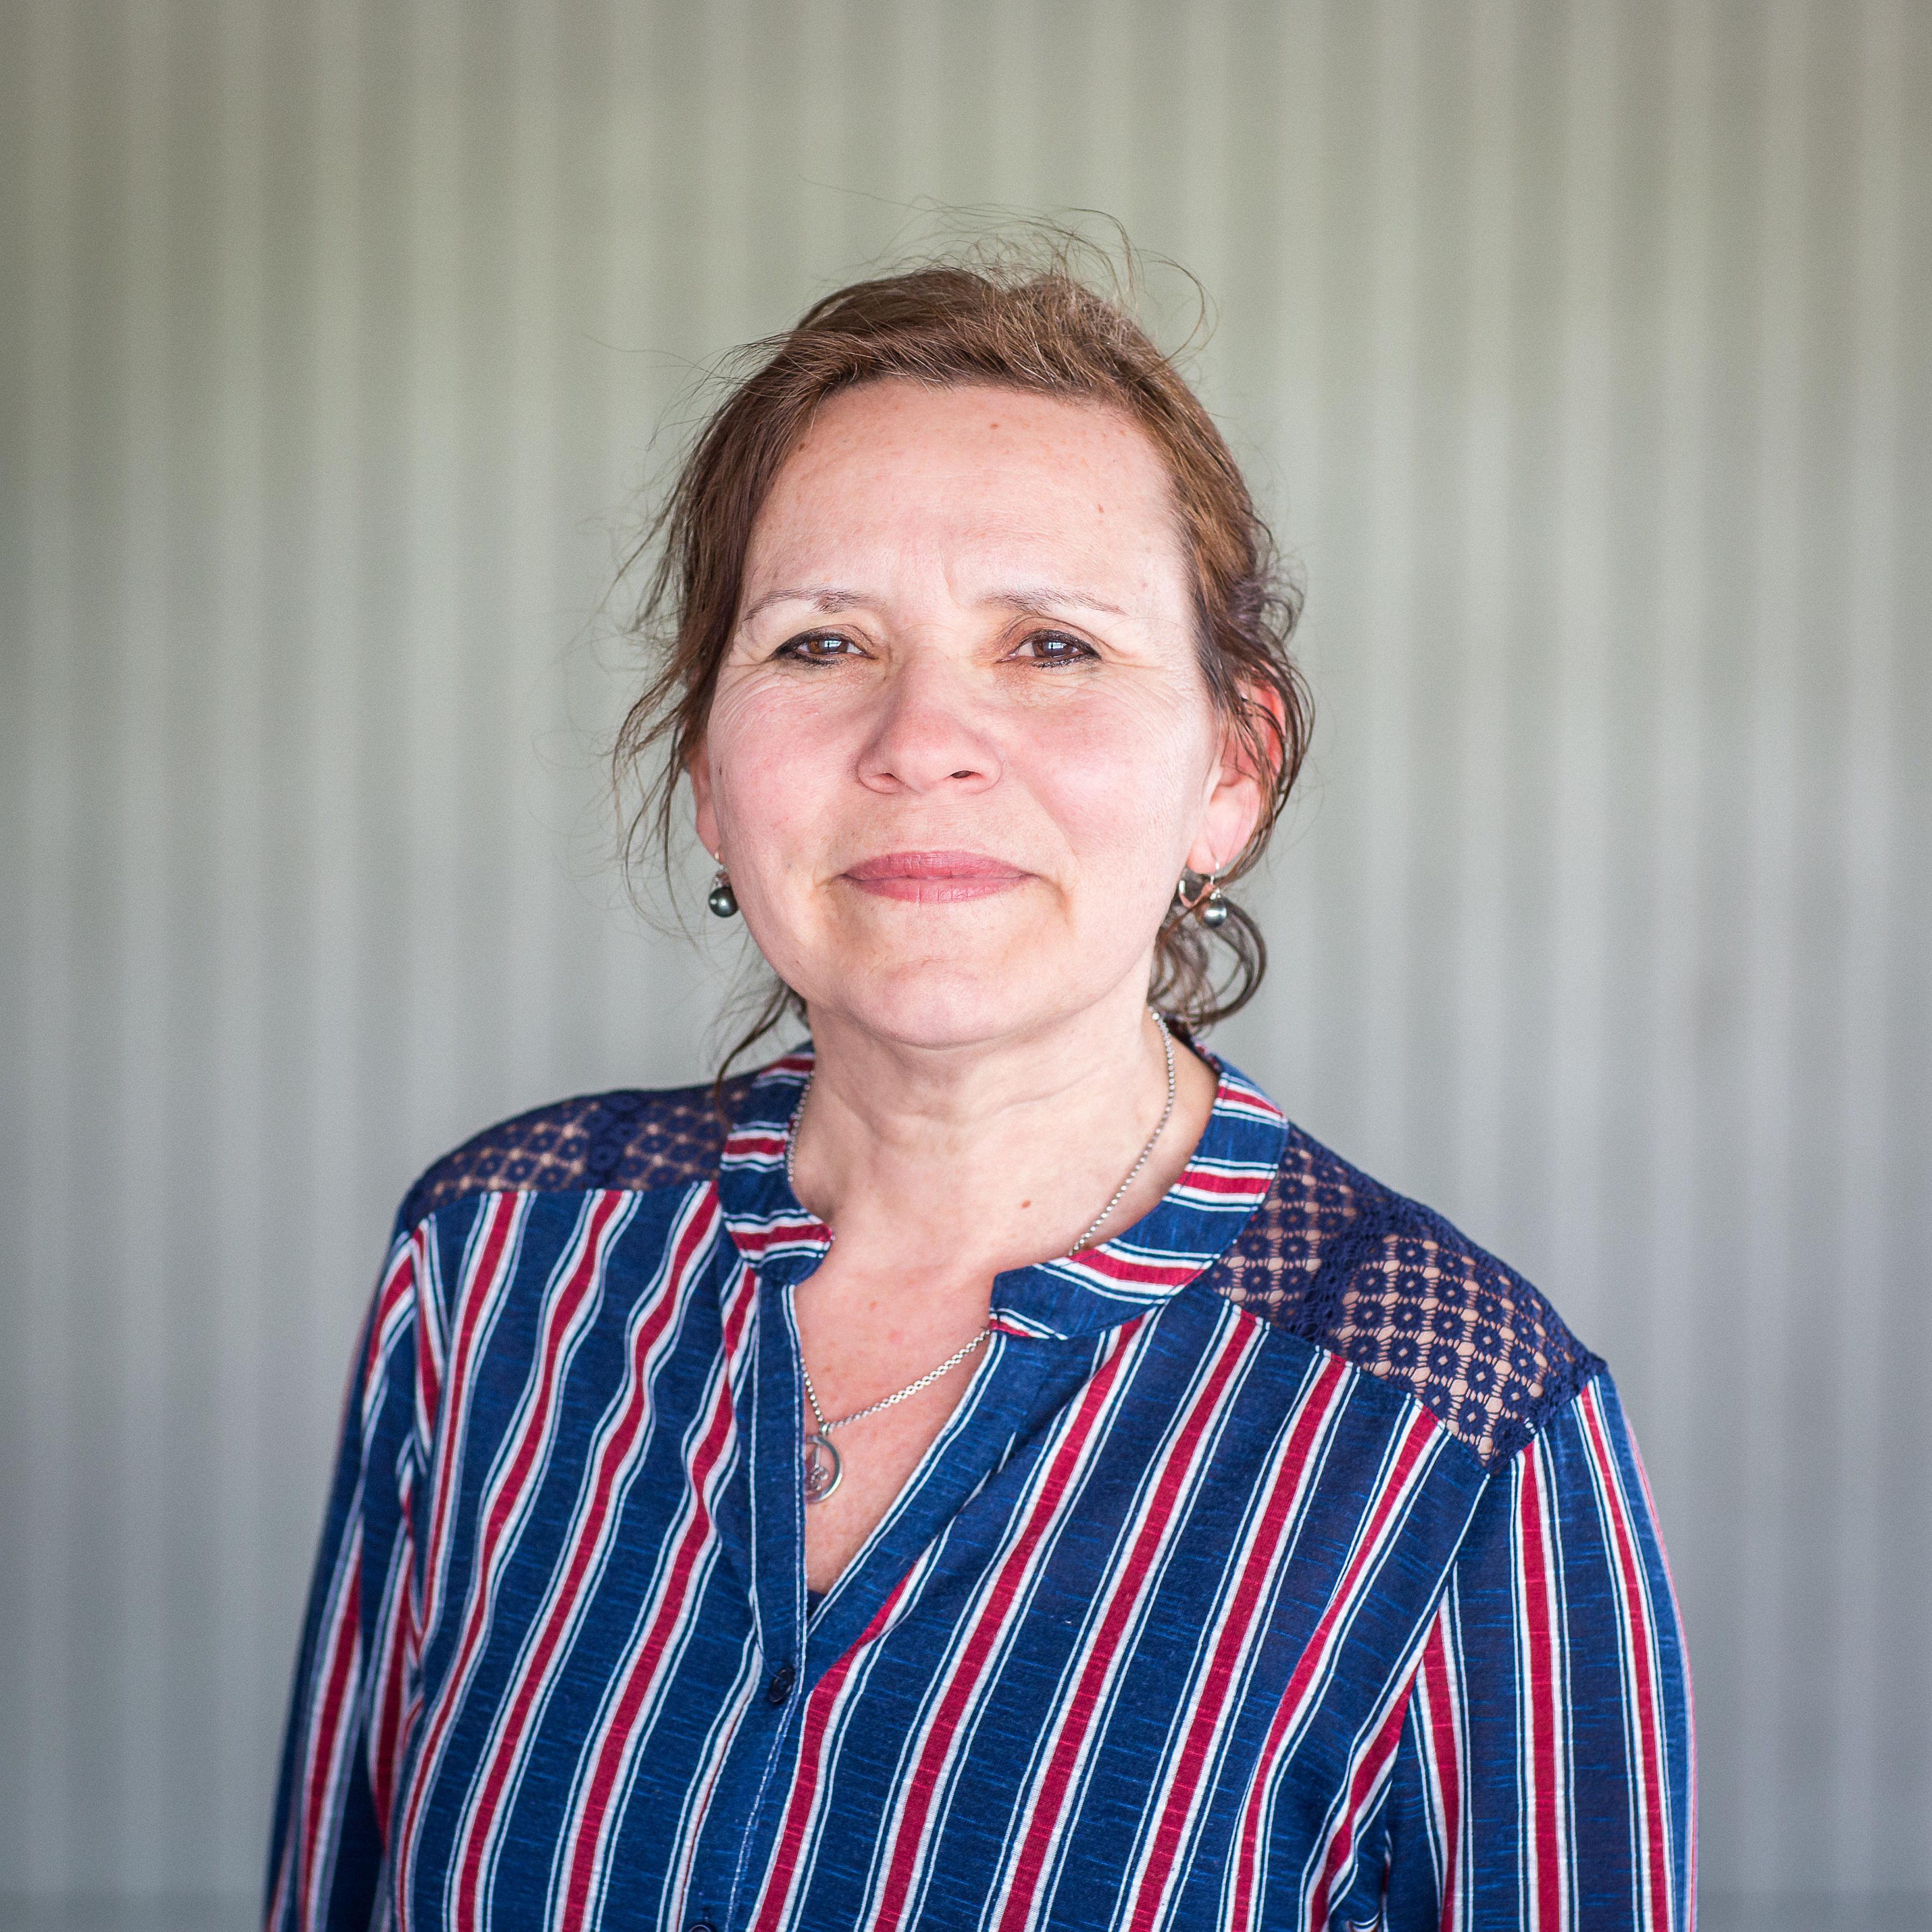 Lourdes Rincón